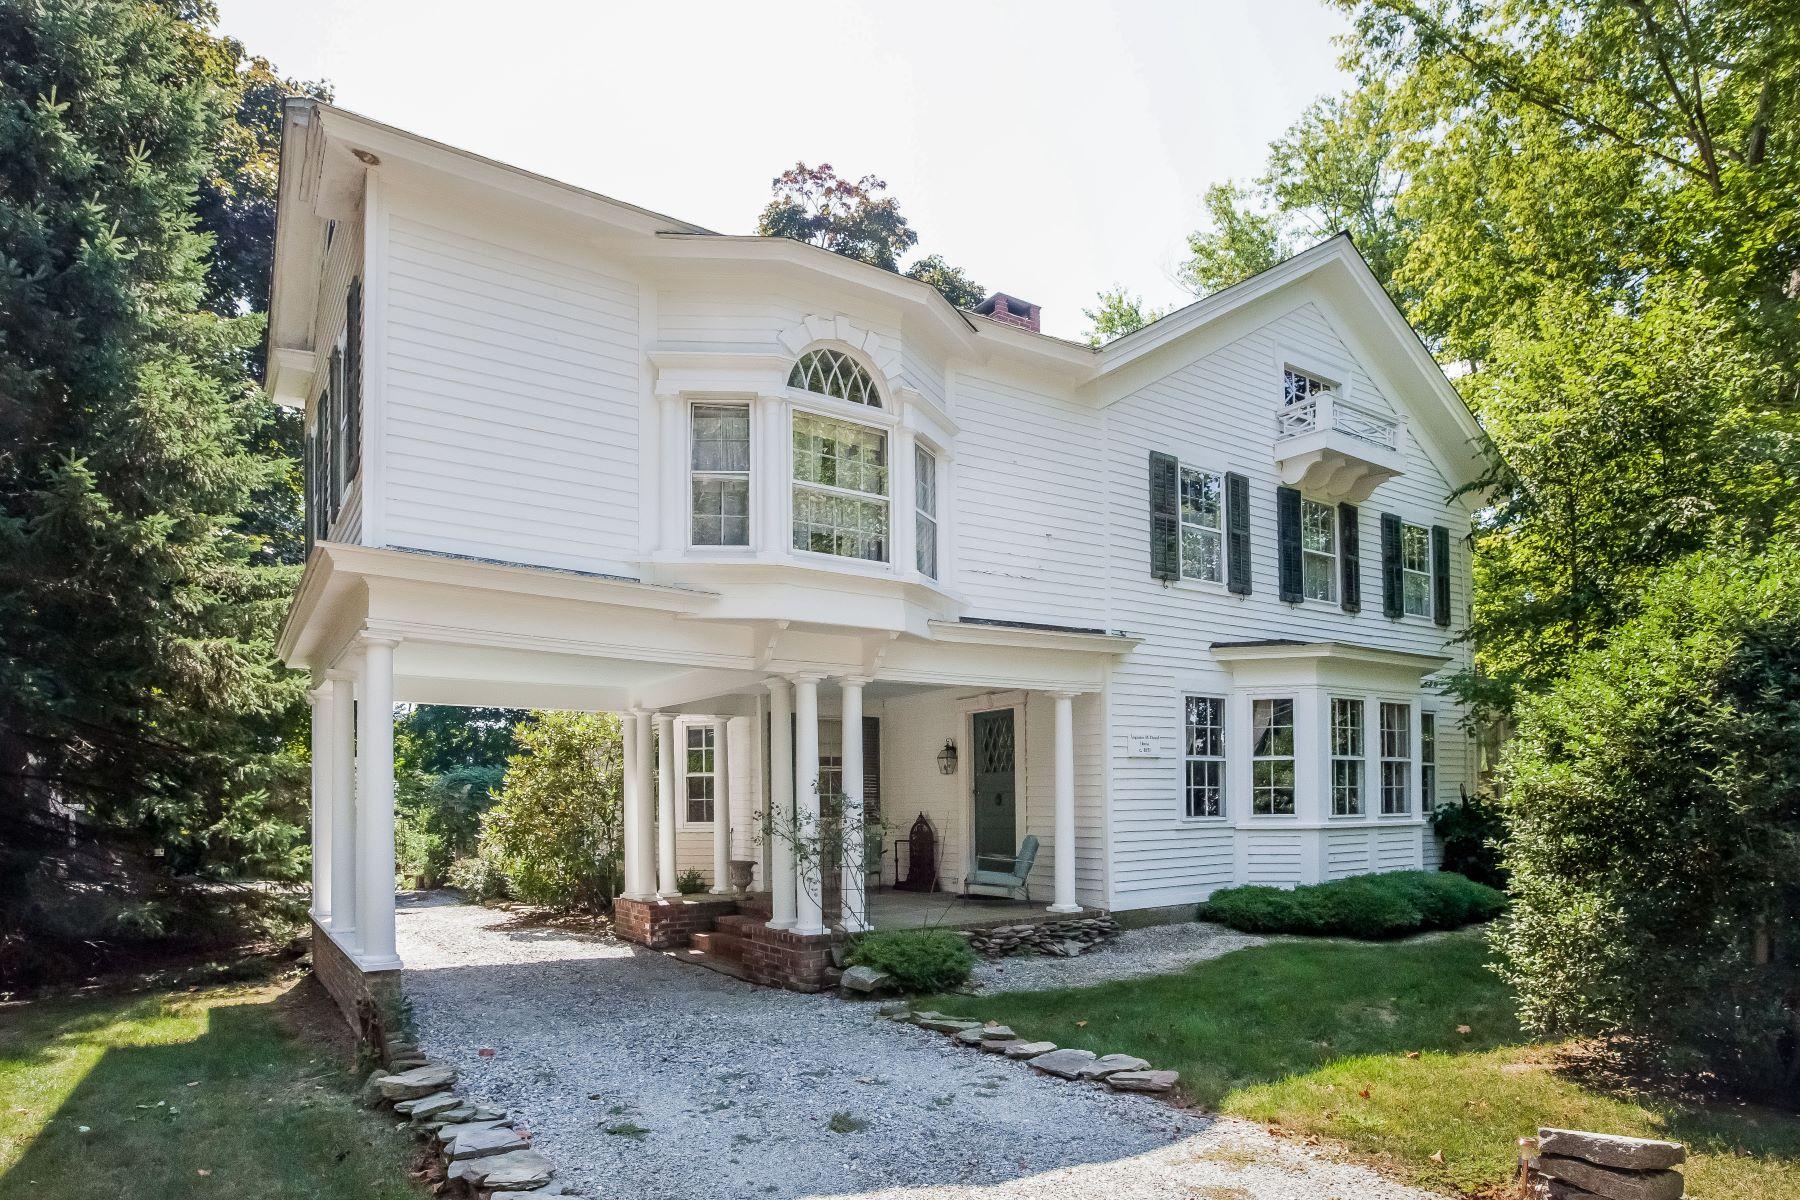 独户住宅 为 销售 在 318 Boston Post Road 麦迪逊, 康涅狄格州, 06443 美国